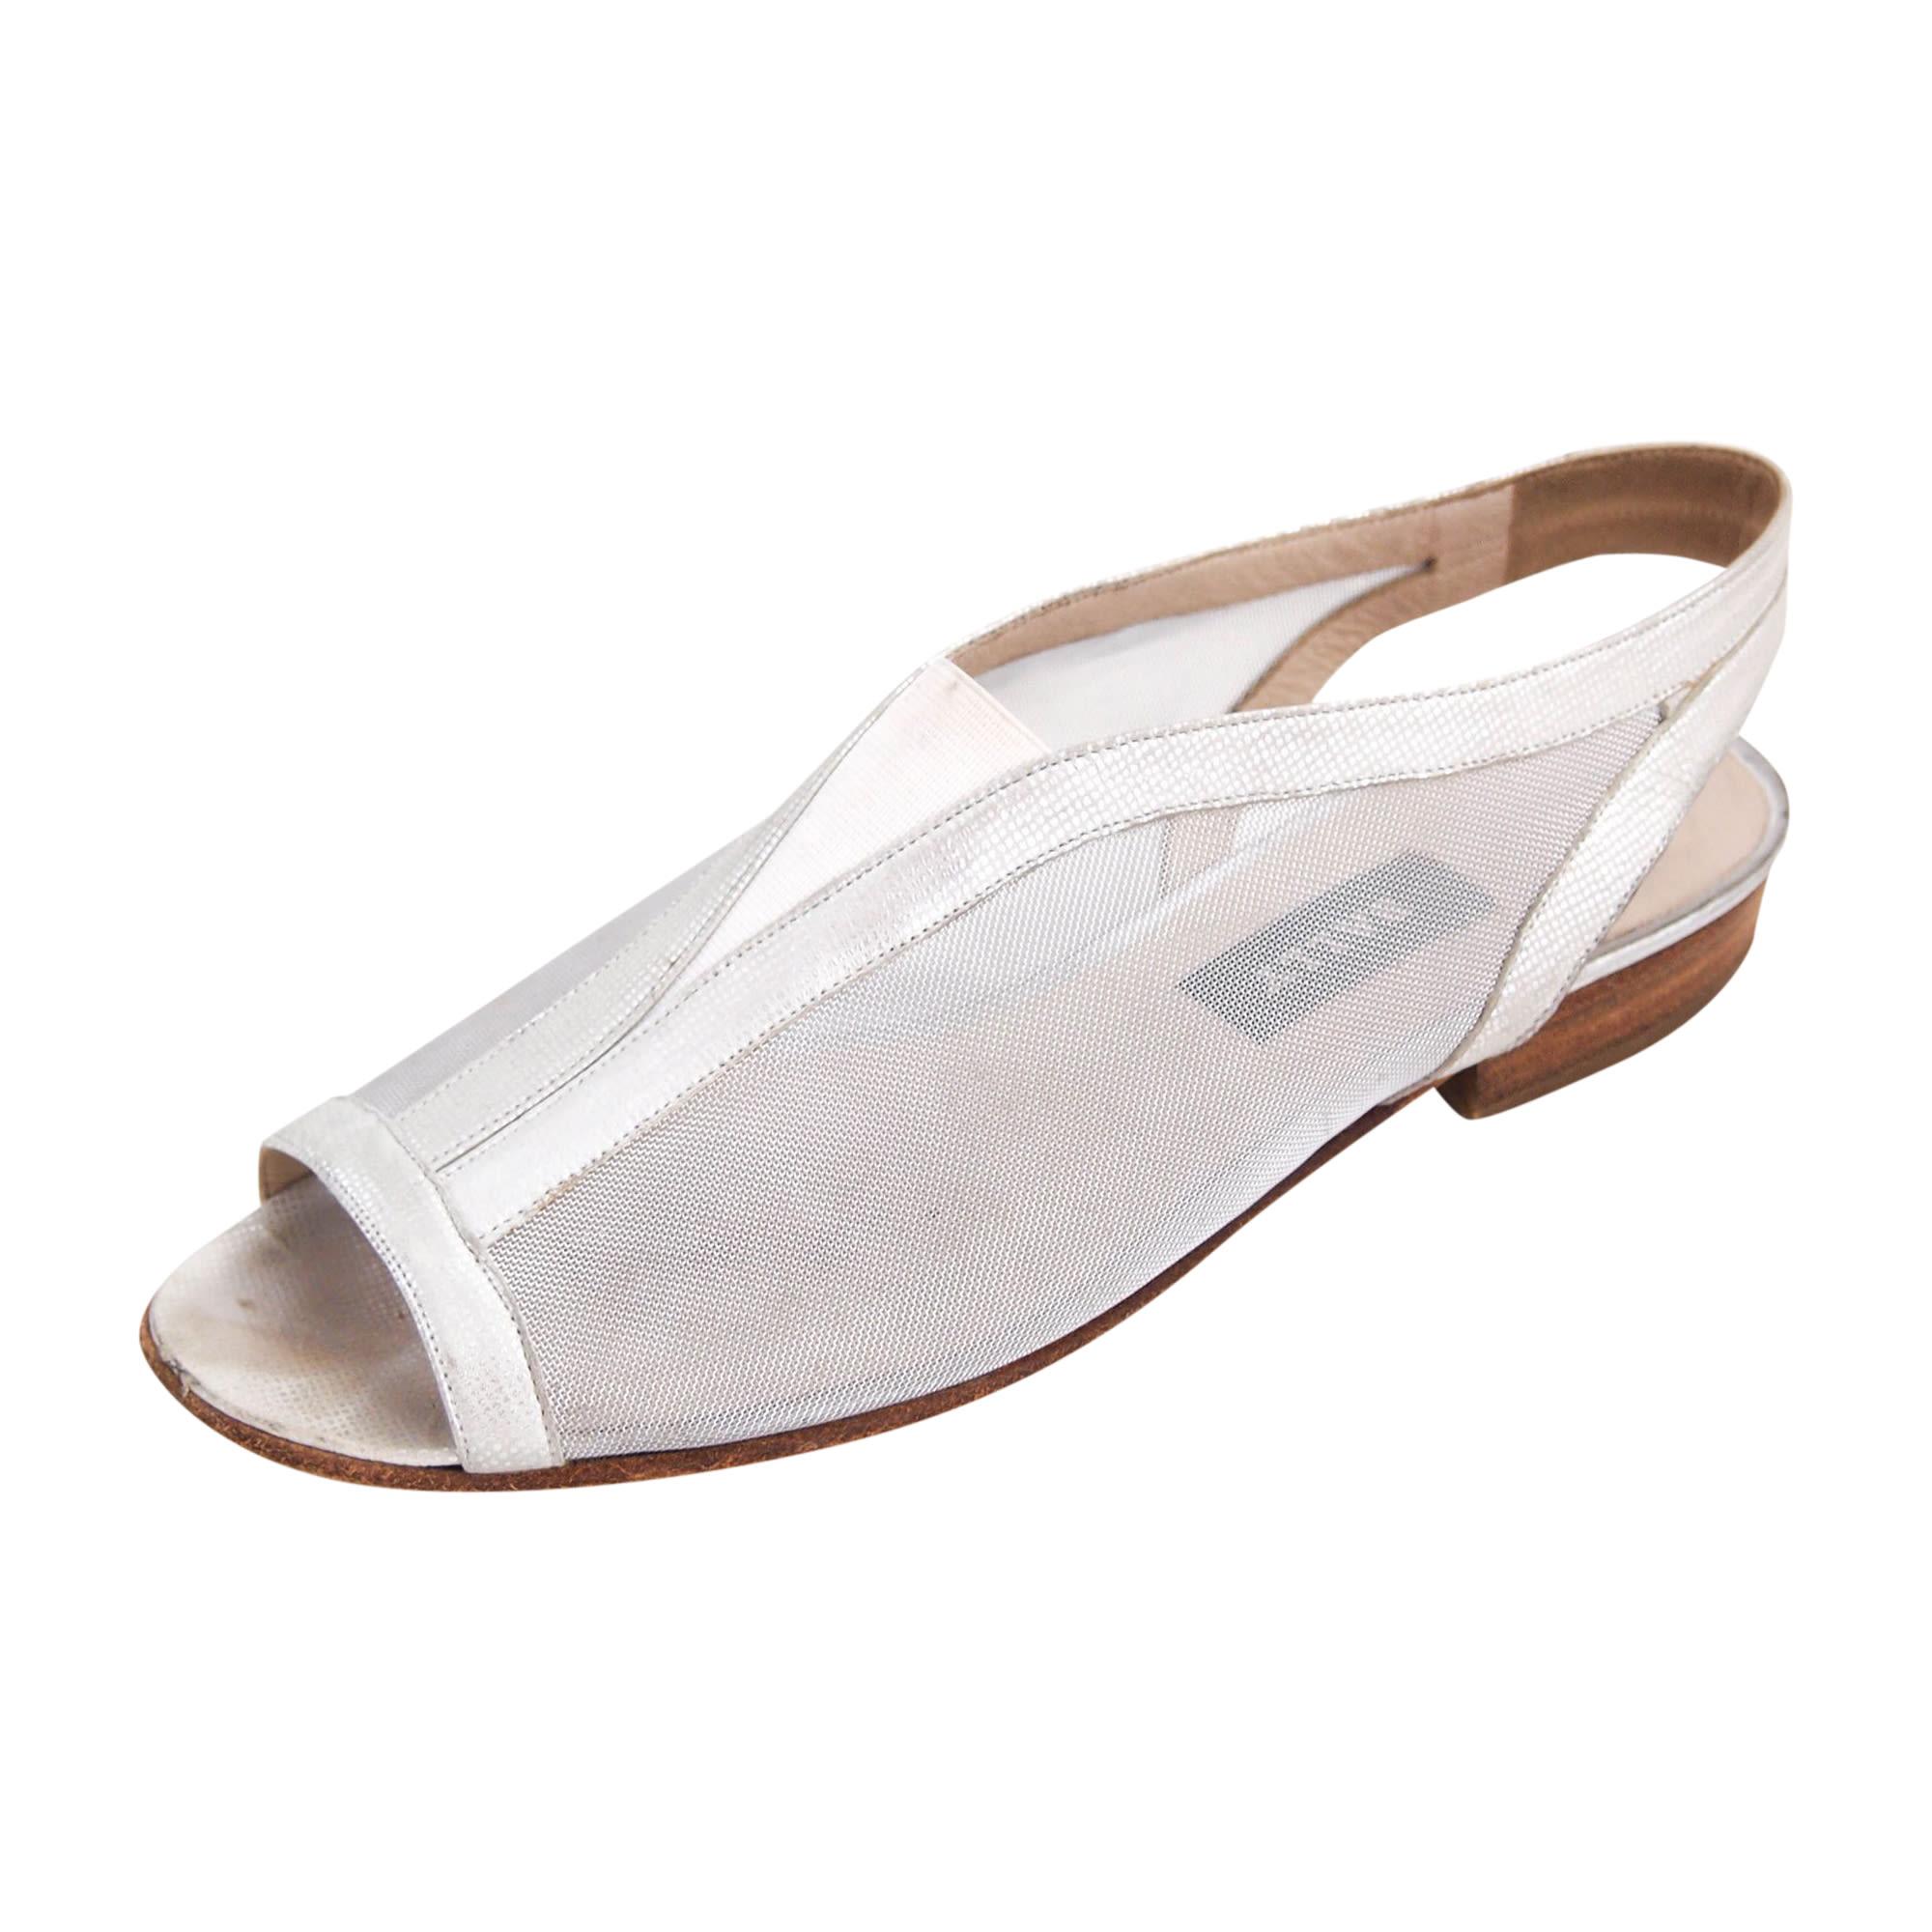 Sandales plates  BALLY Argenté, acier